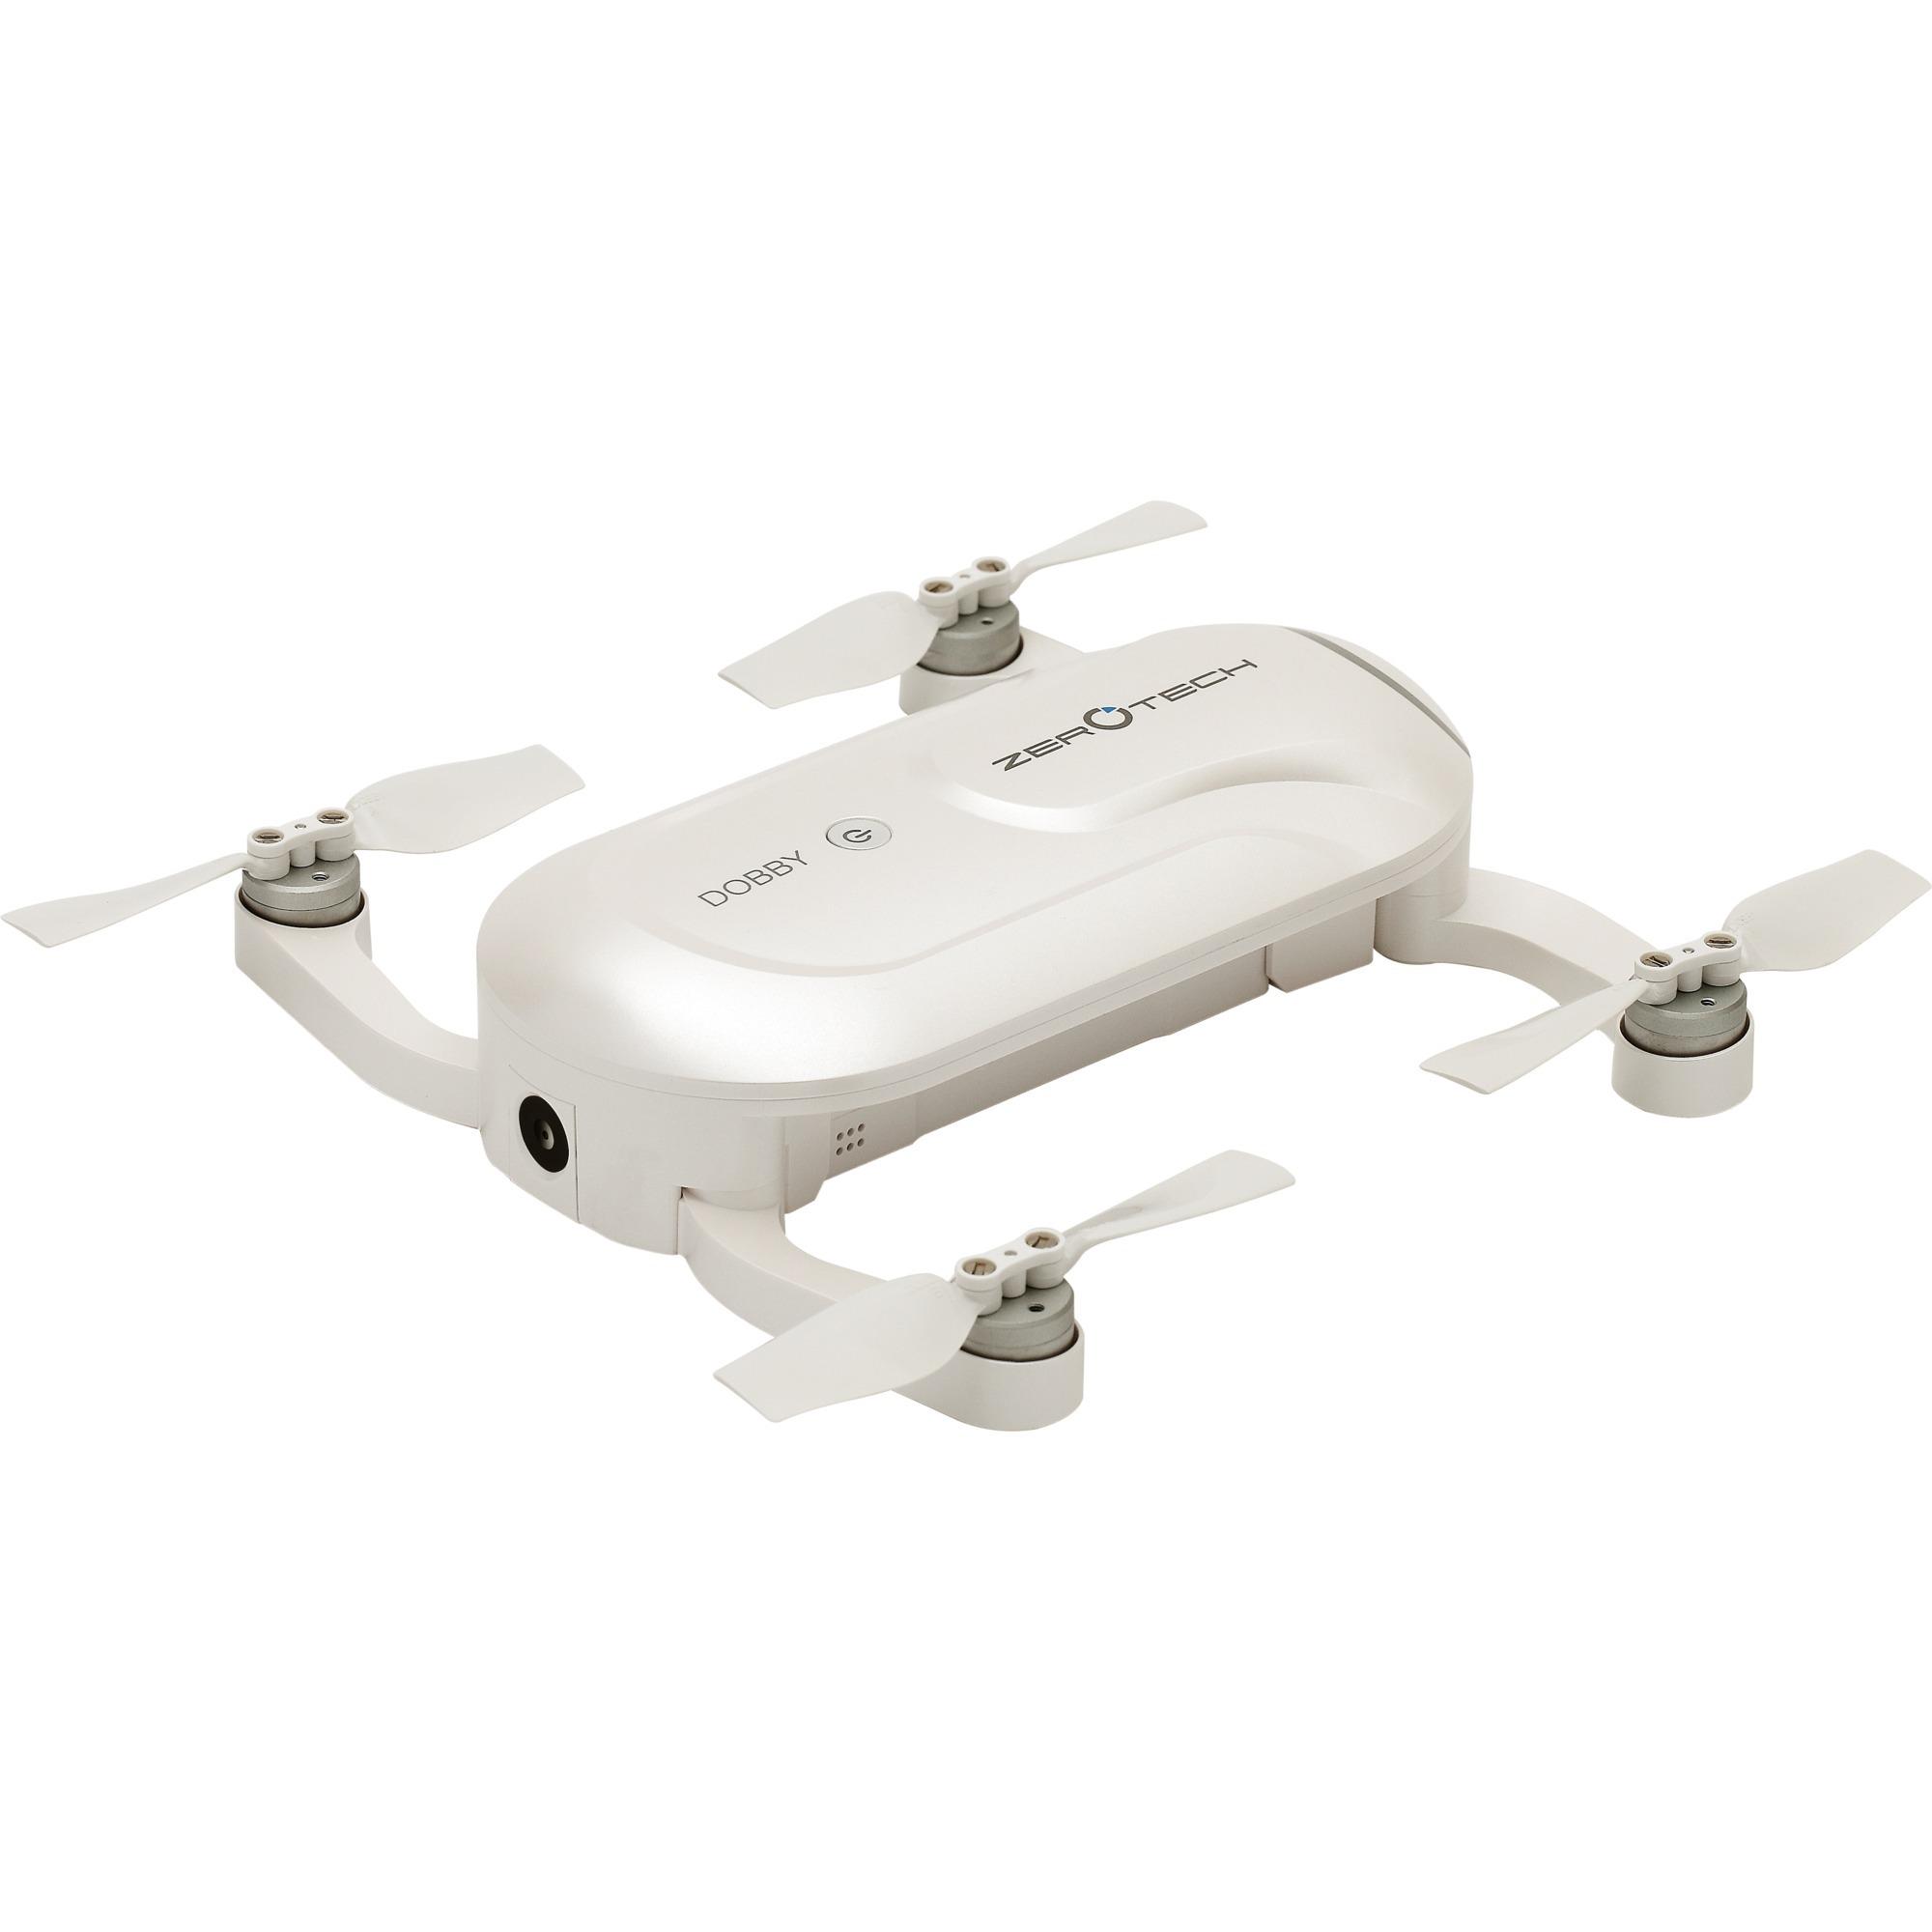 dobby-drone